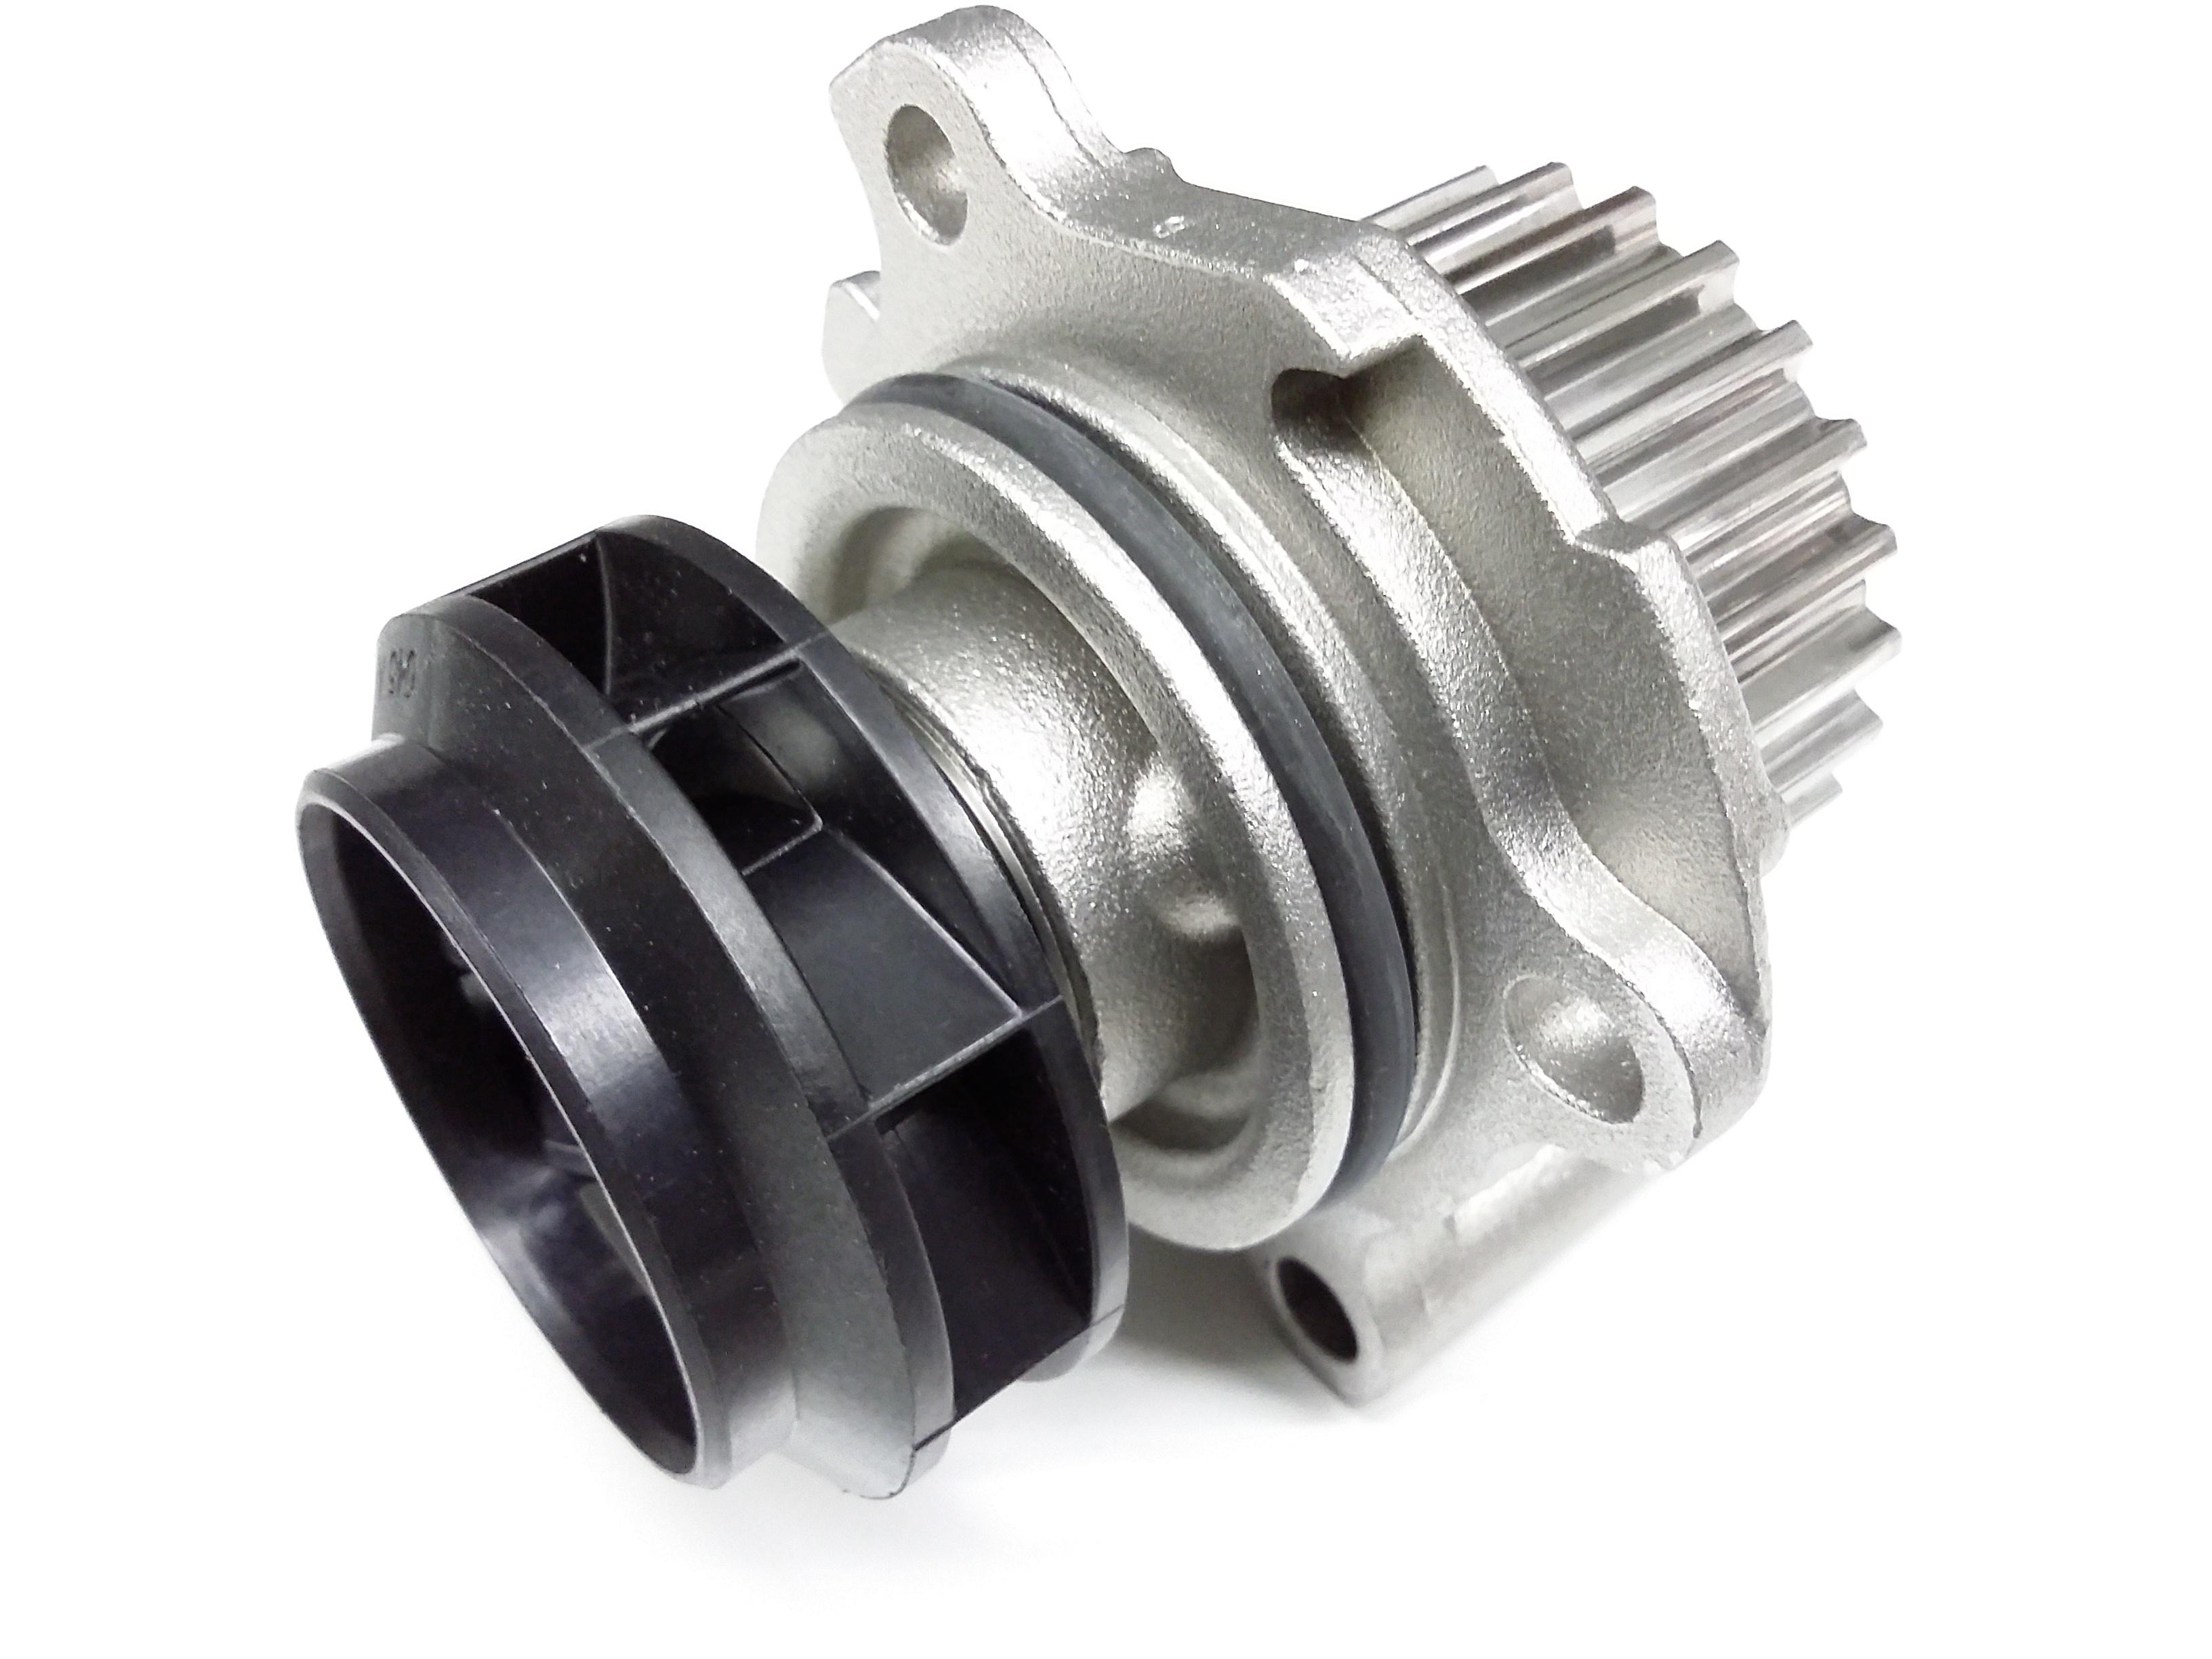 2000 Volkswagen Jetta GLS 2.0L A/T Engine Water Pump ...